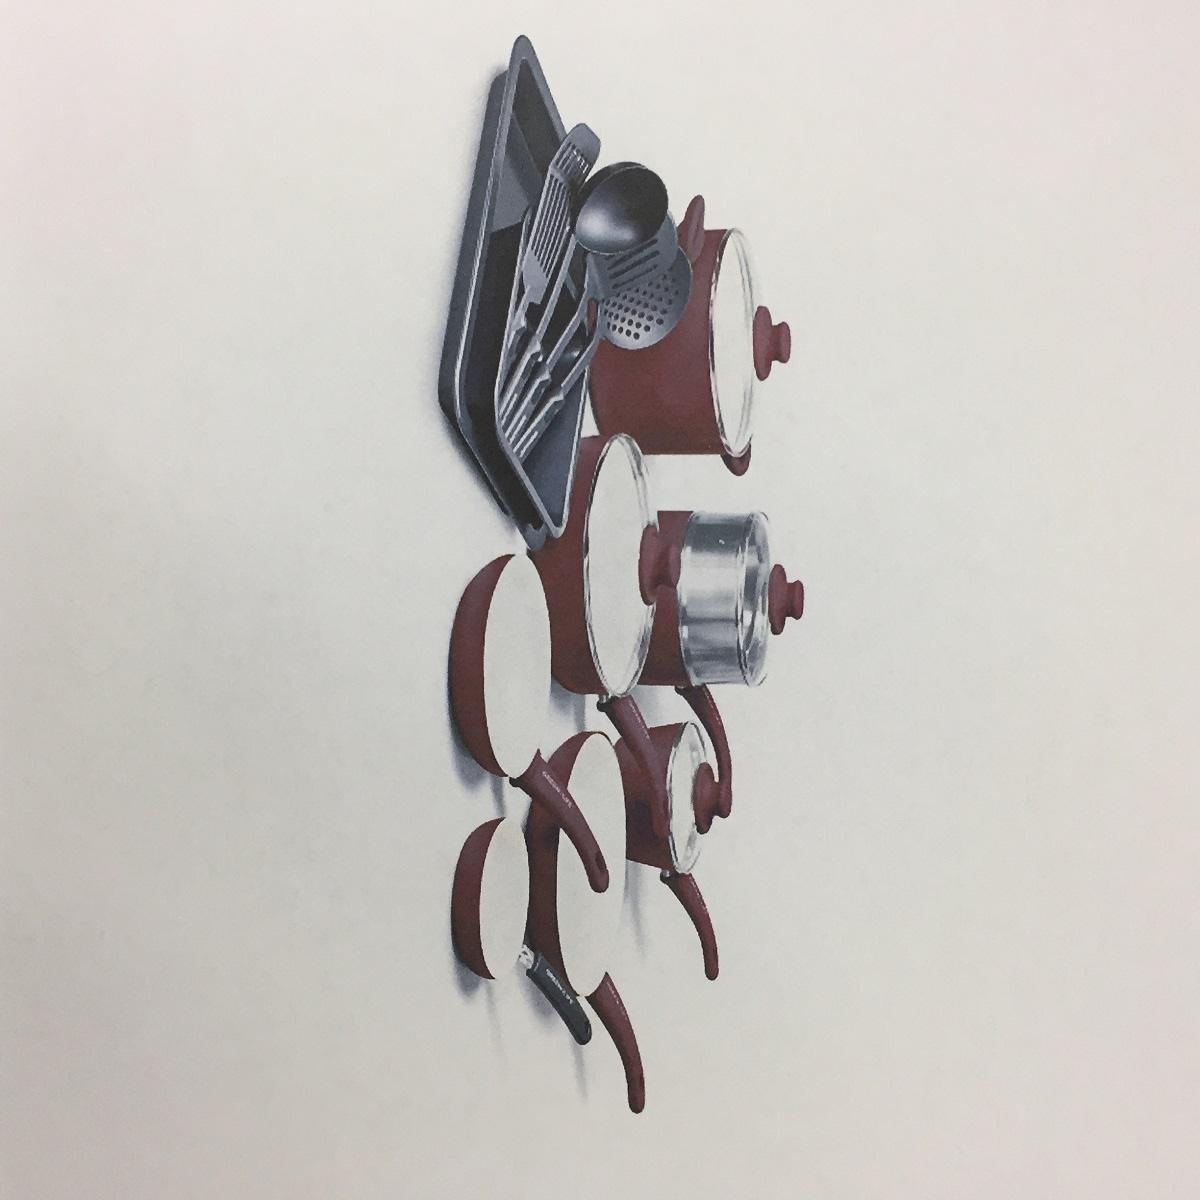 グリーンライフ18 Pieceアルミニウム調理器具set- Burgundy B078Y8G5V1